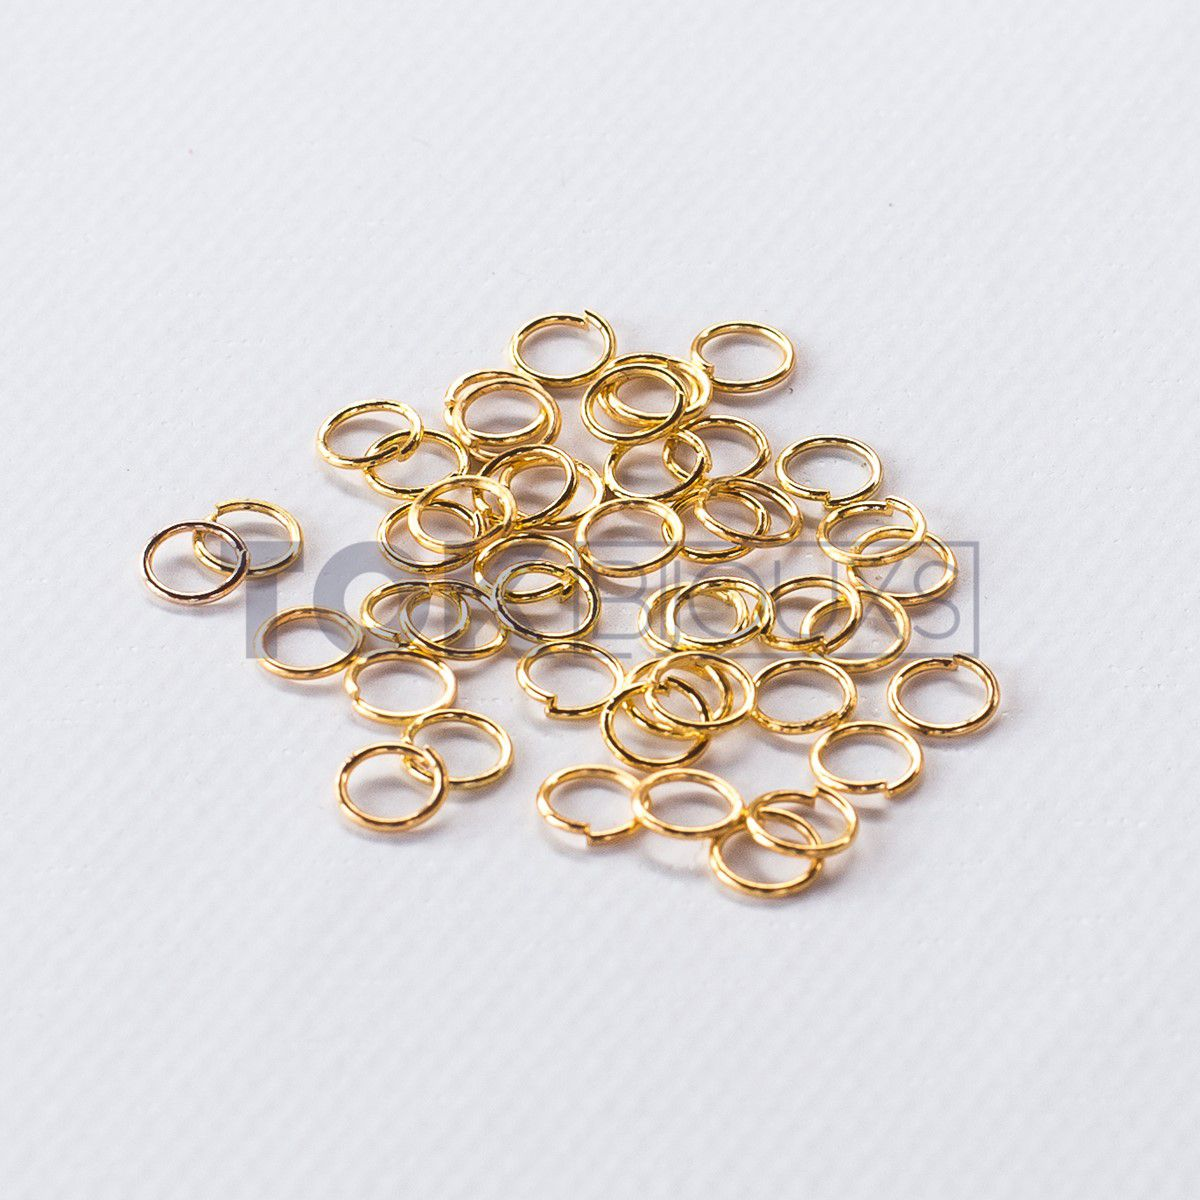 Argola De Ferro 10mm - Dourado - 500g